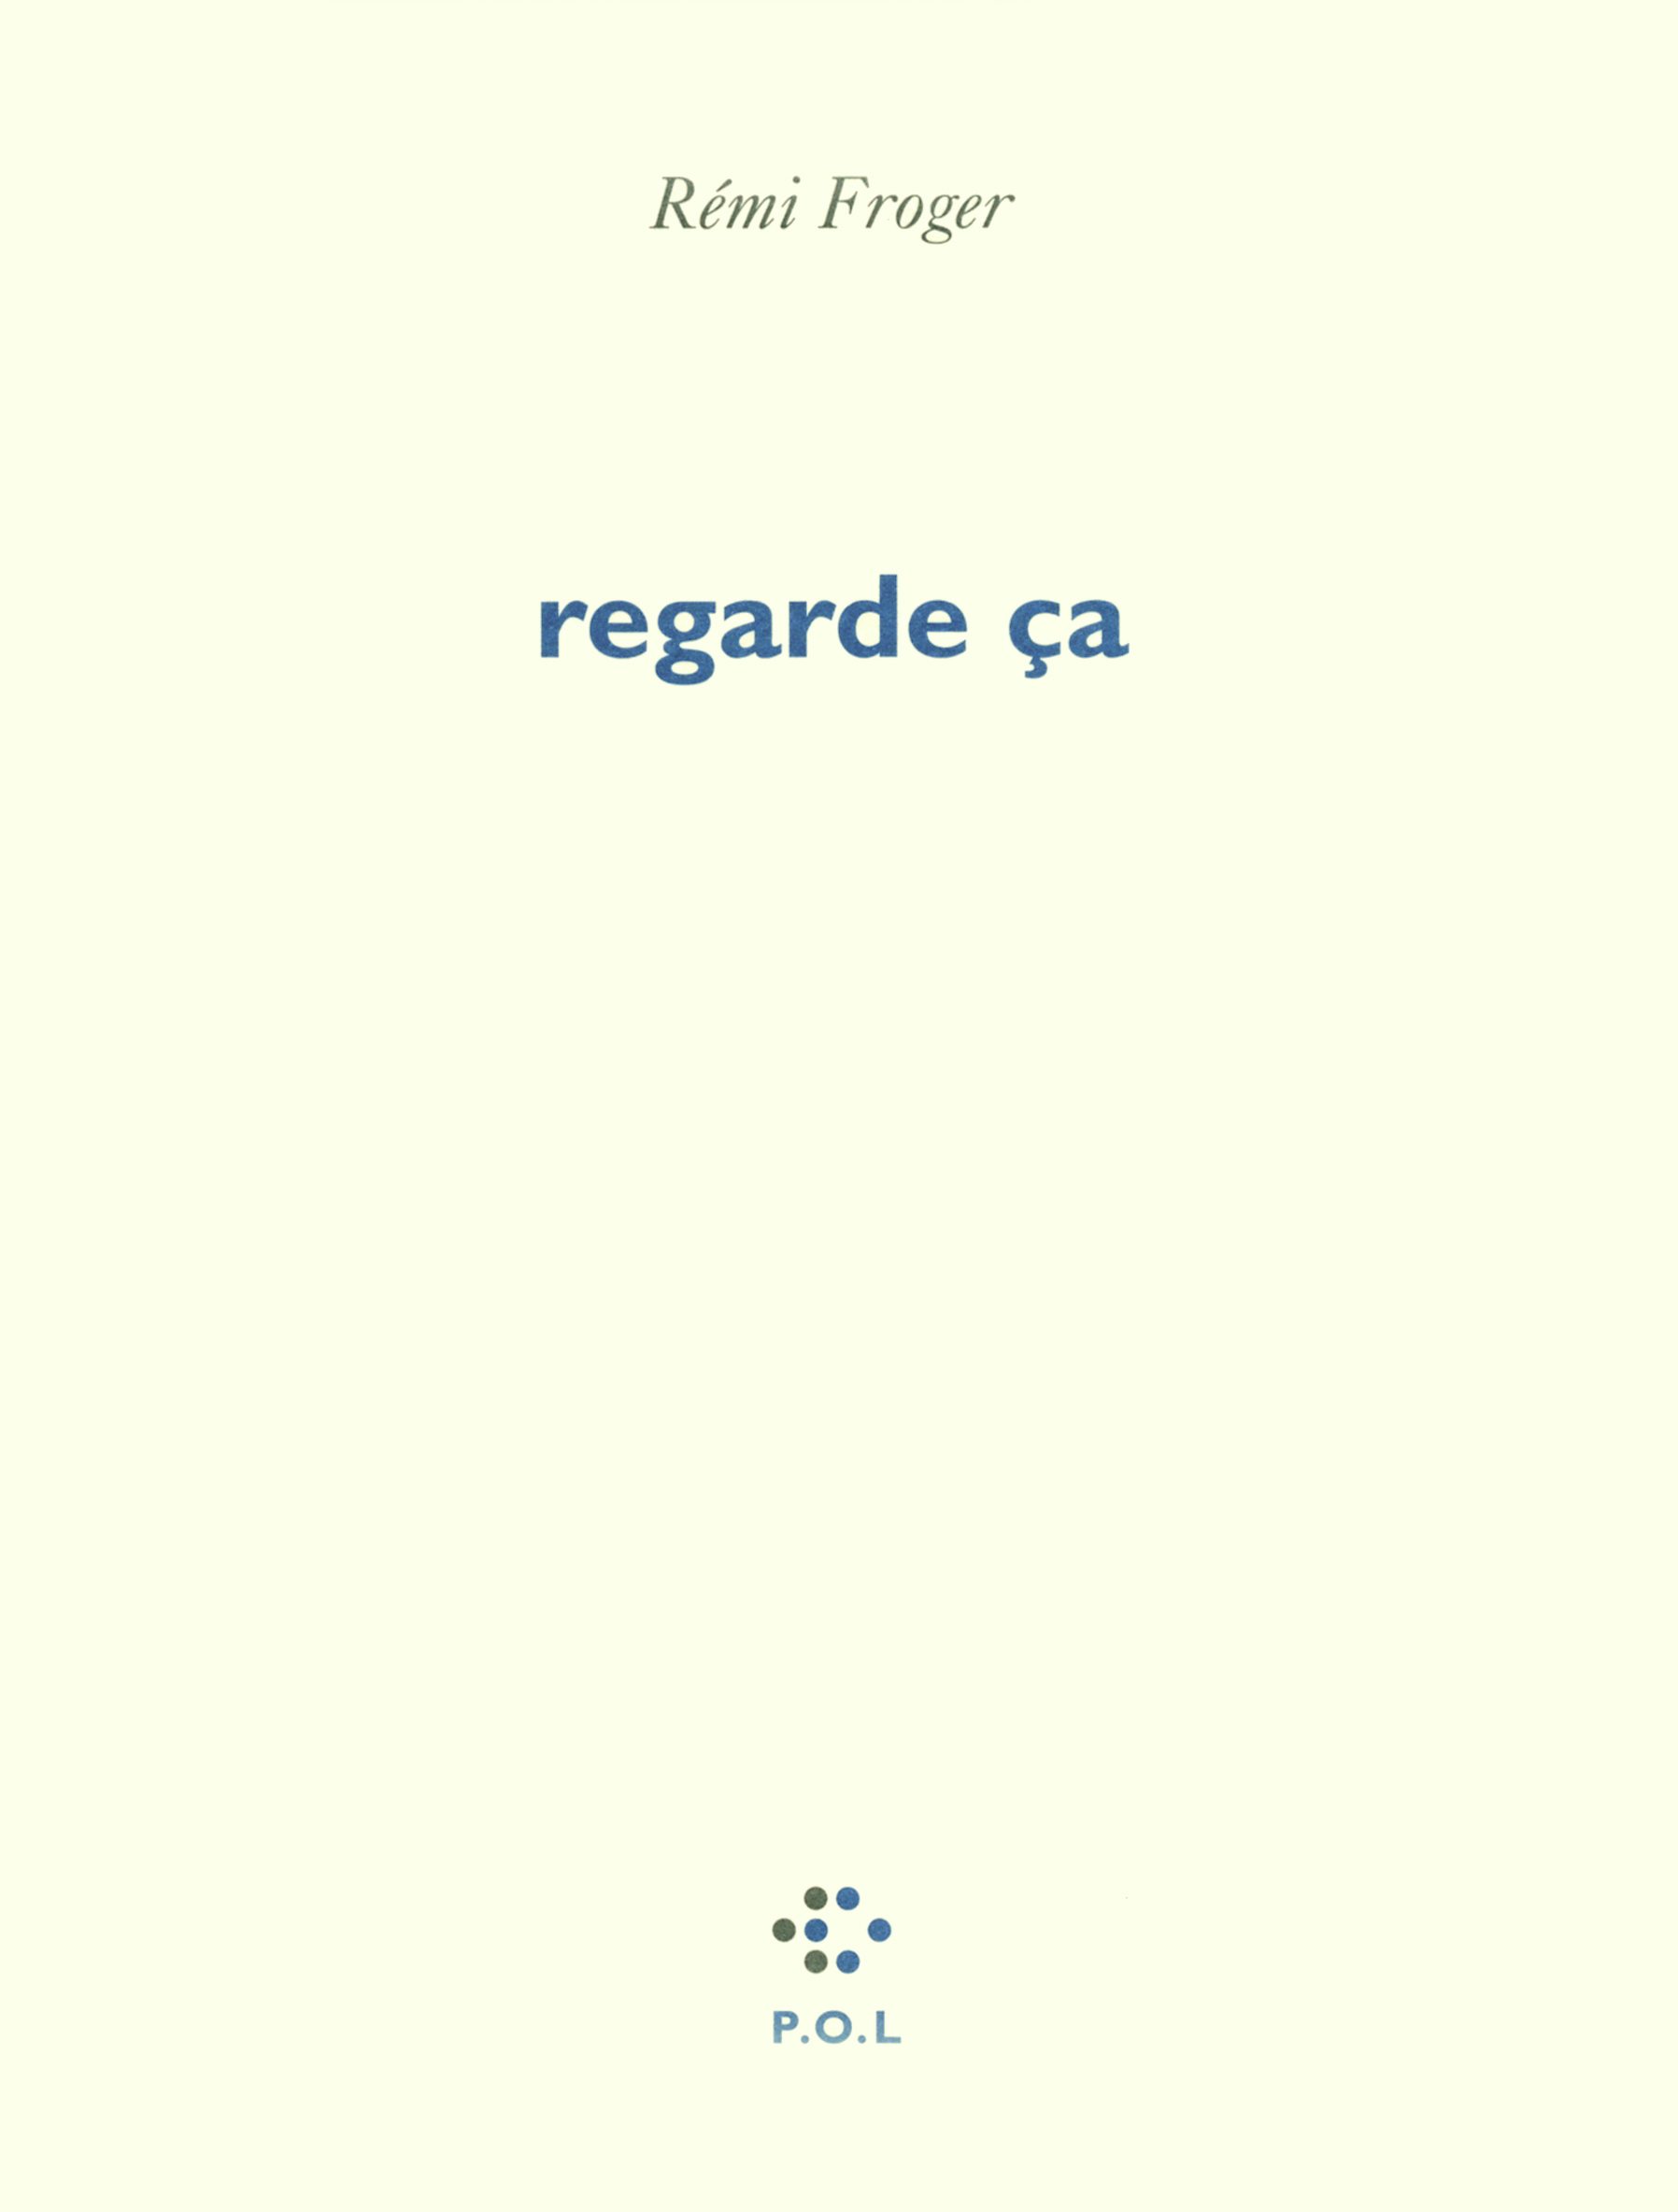 REGARDE CA